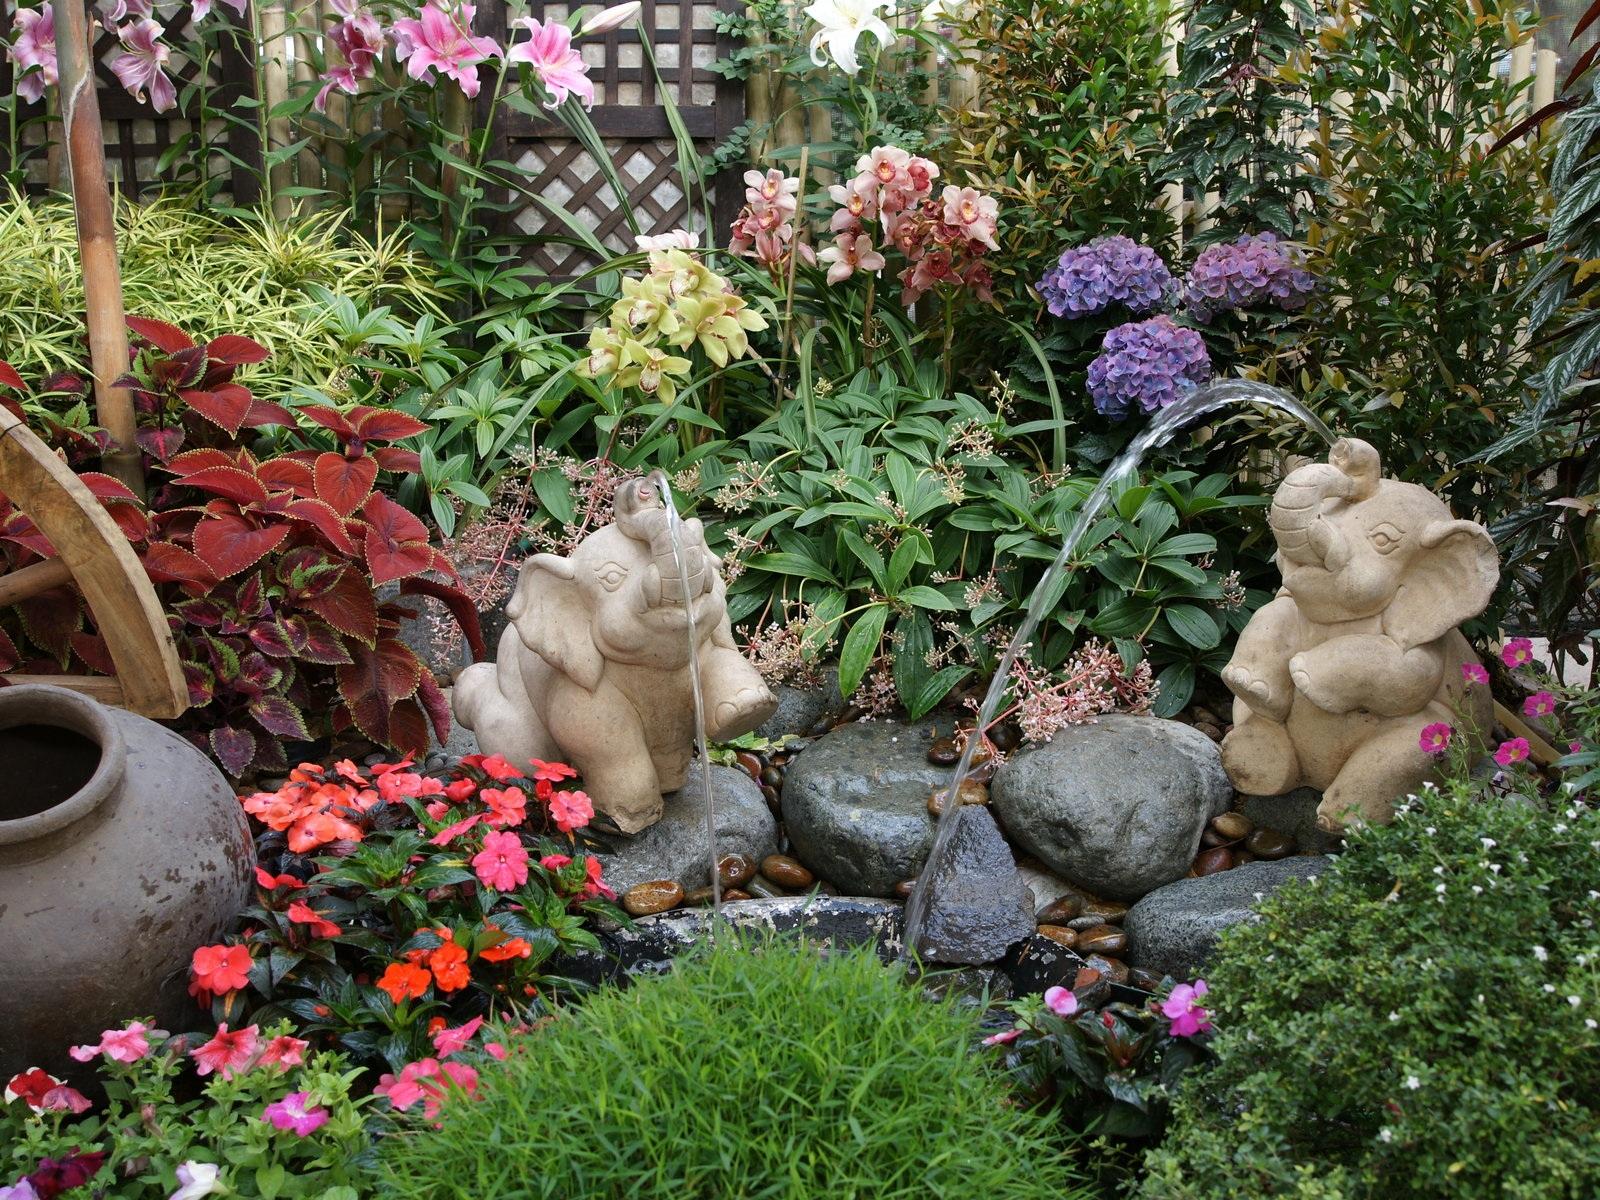 Vida jard n jardines peque os con encanto - Jardin pequeno fotos ...